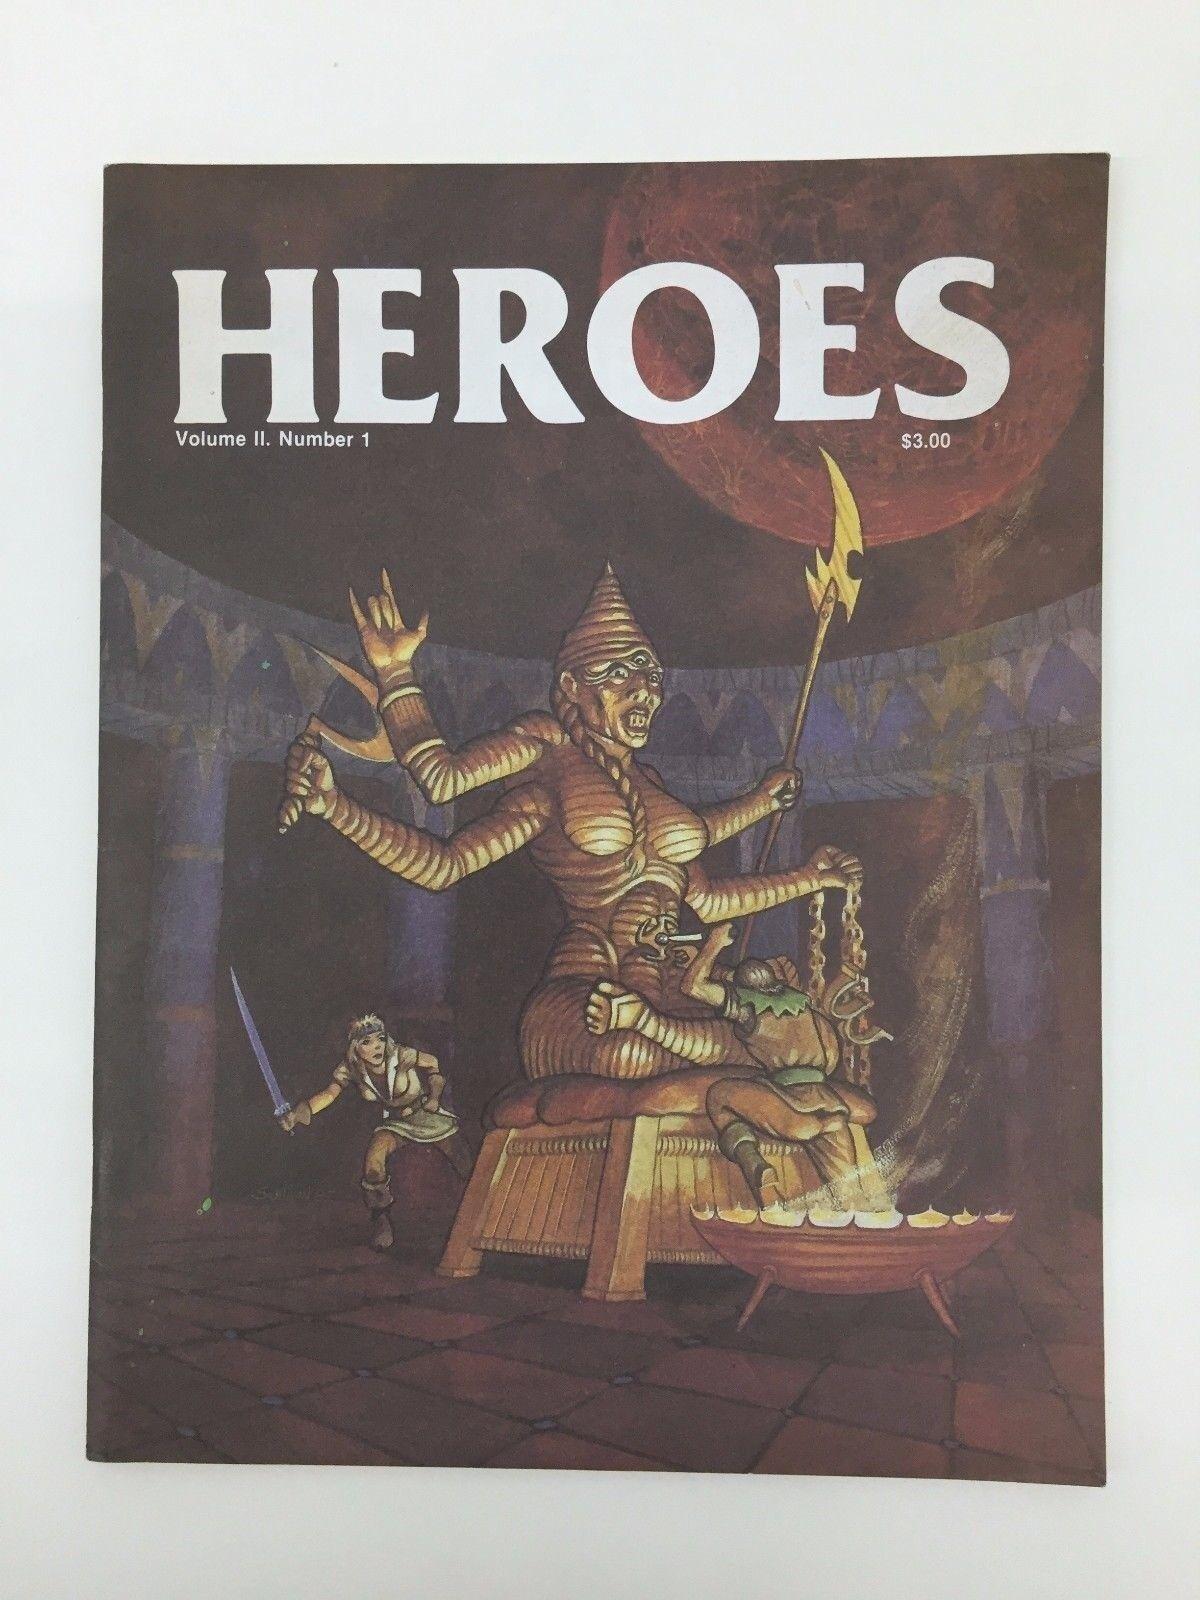 Runequest Heroes Vol 2 Número 1 Juego de Rol Rpg Dragones y Mazmorras D&d